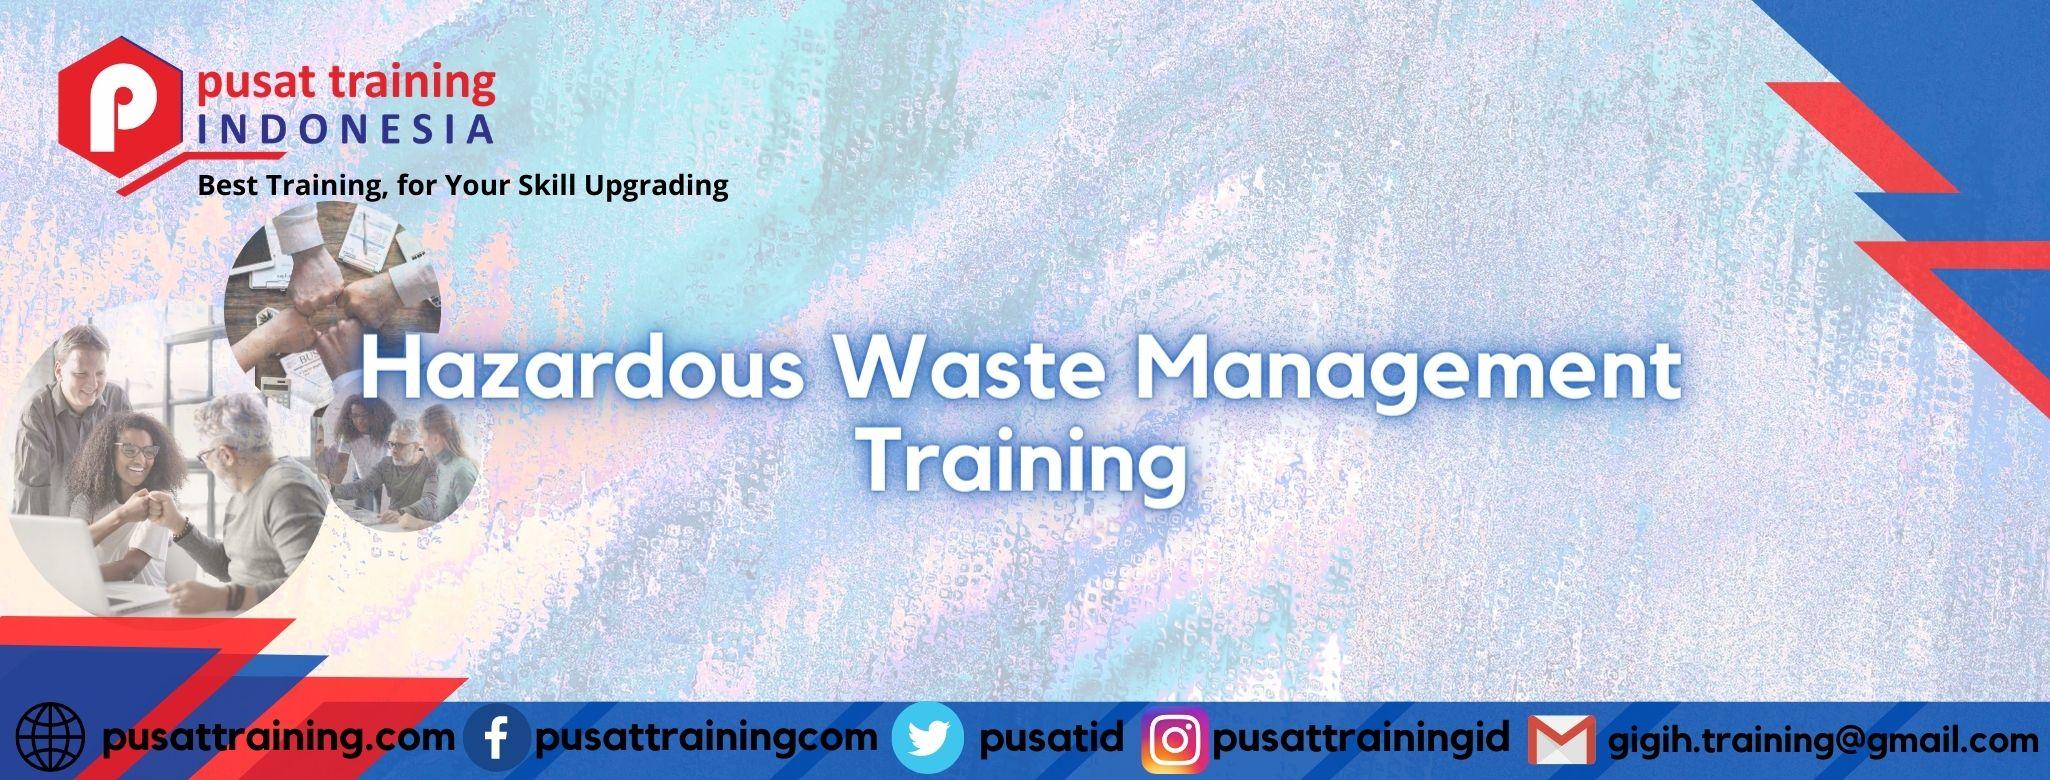 Hazardous-Waste-Management-Training